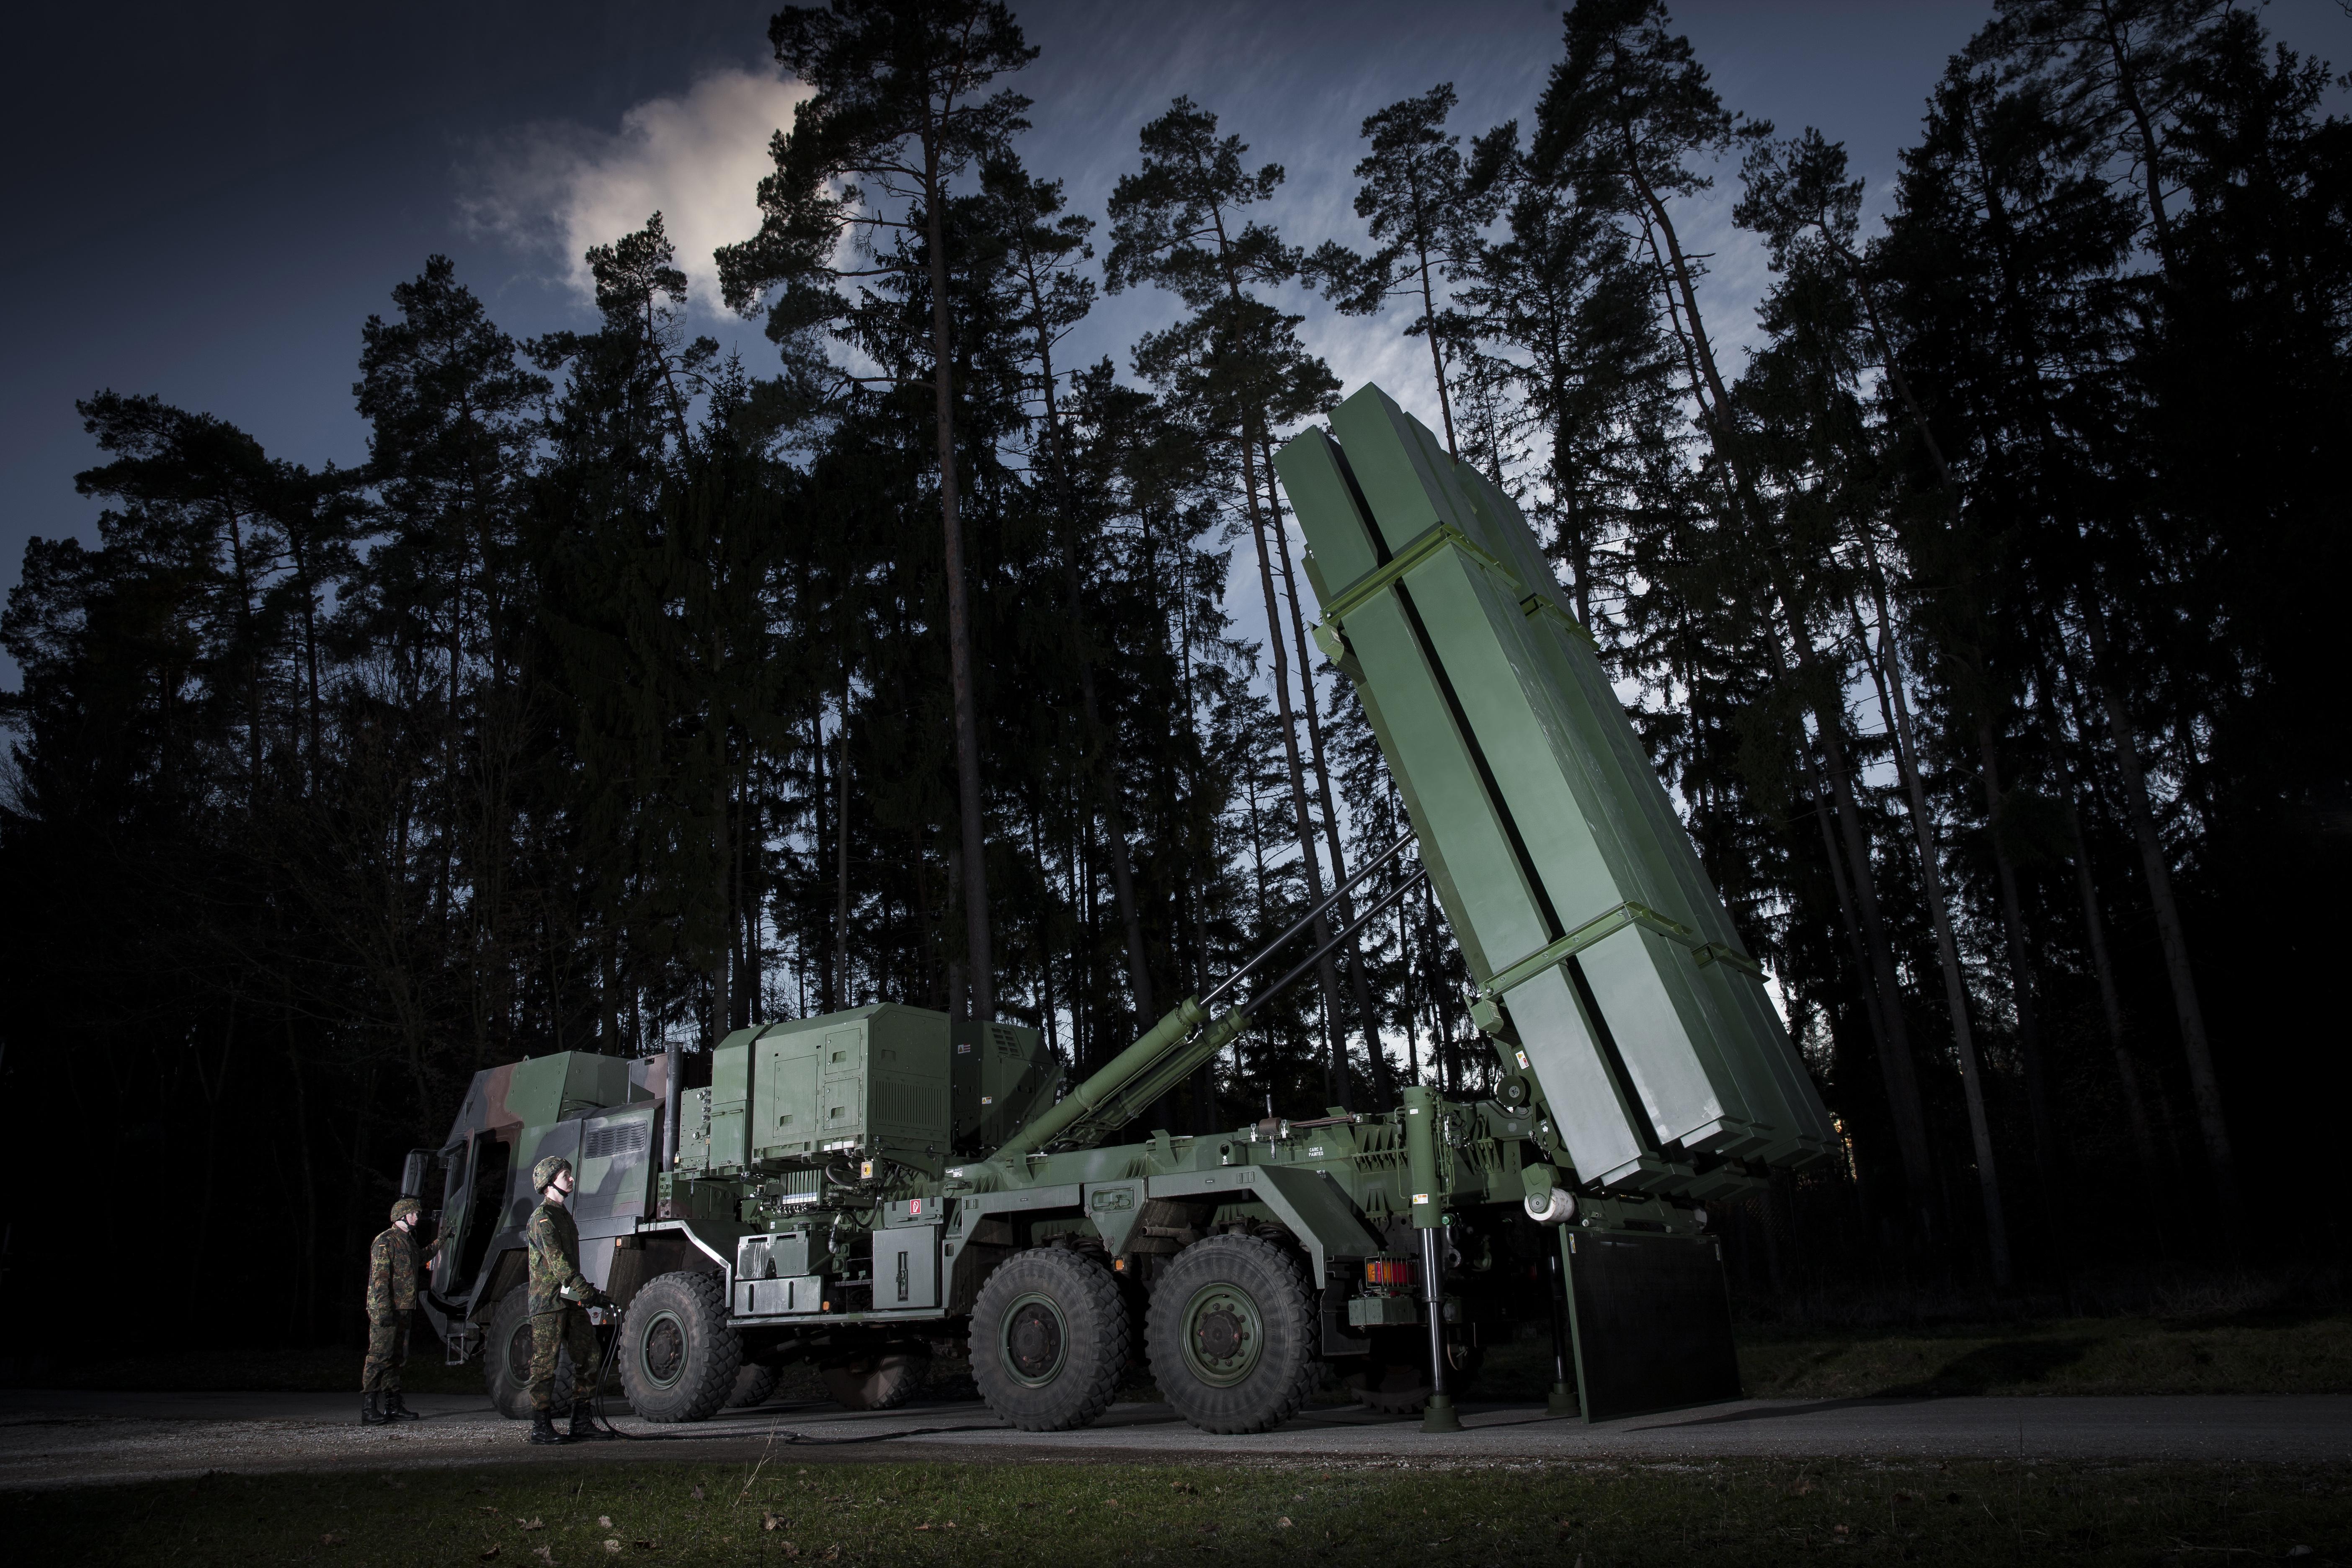 Lightweight MEADS launcher